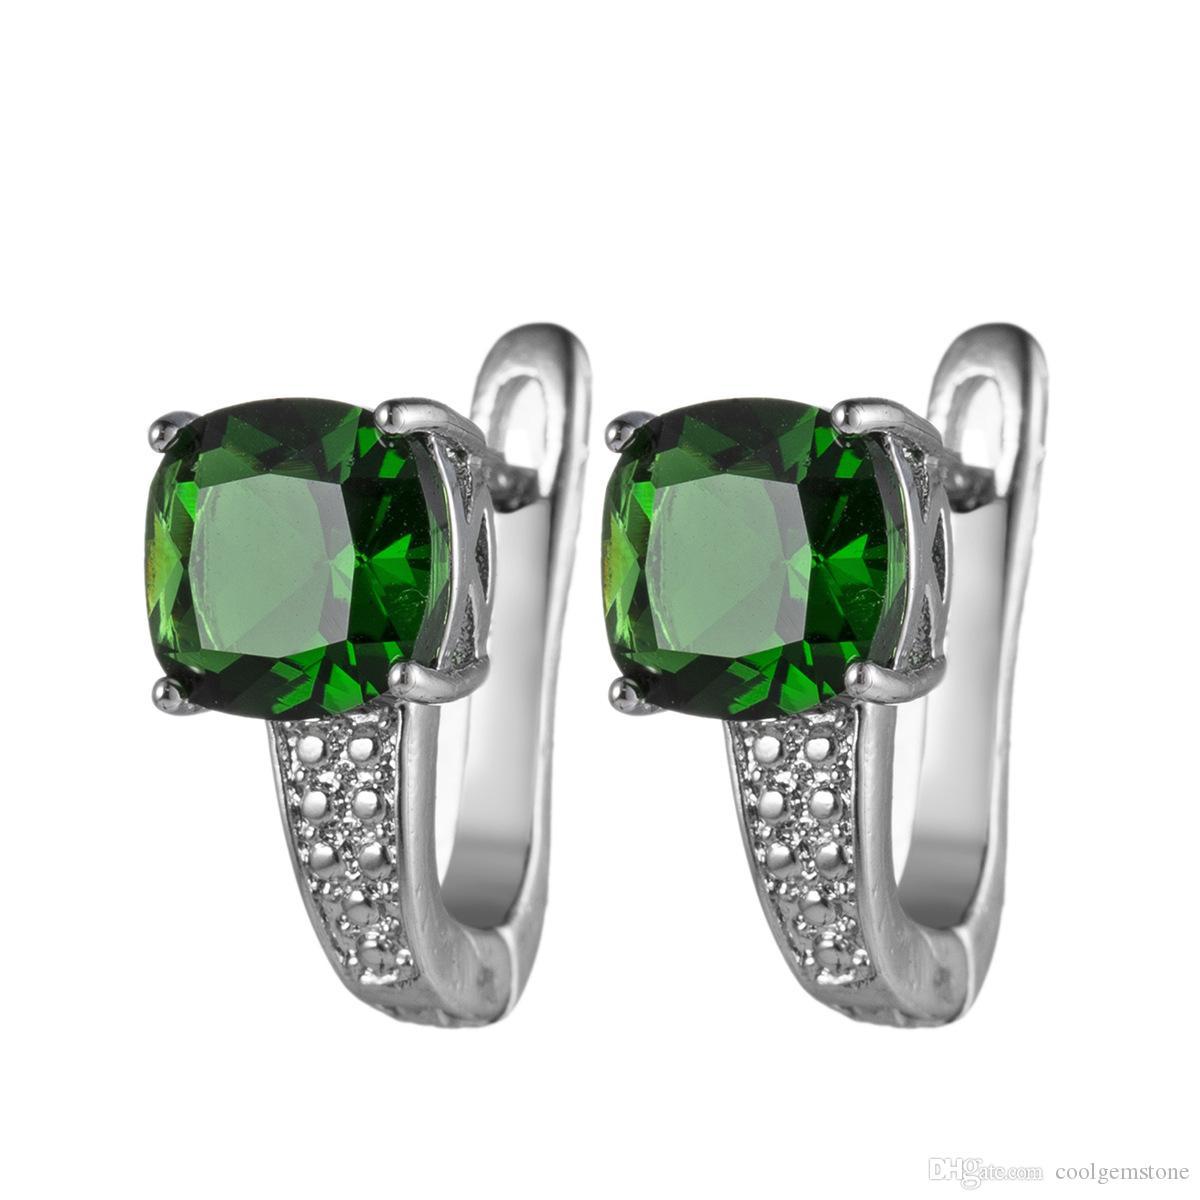 Luckyshine 12 Pair Matka Prezent Biżuteria Okrągły Szmaragd Szmaragd Gemstone 925 Srebrny Greem Cyrkon Huggie Kolczyki Hurtownie